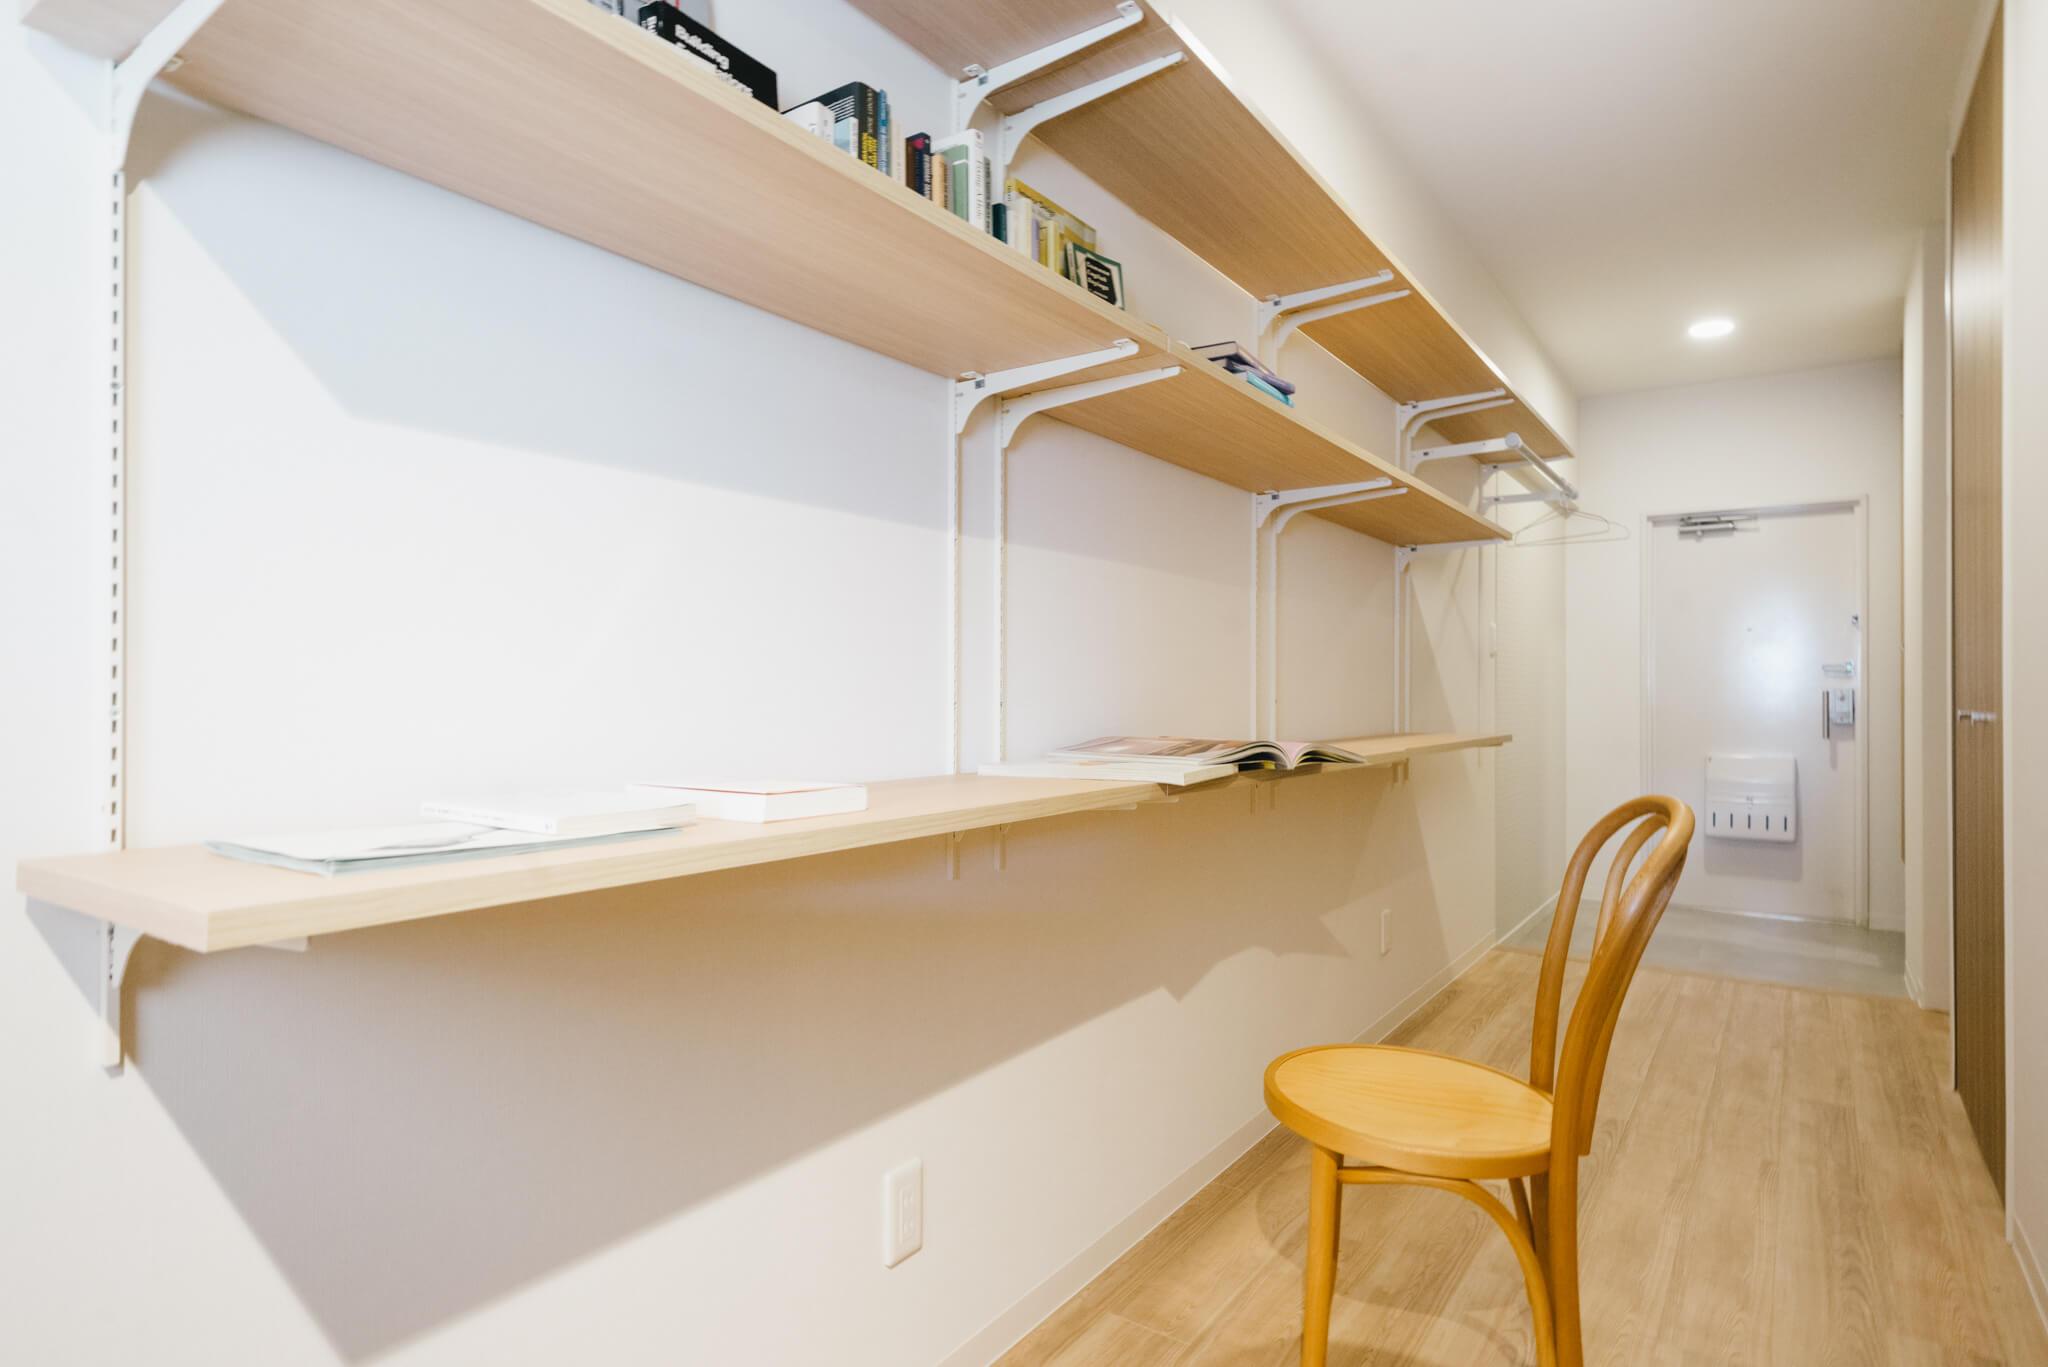 つづいて廊下には、ハンガーバーや棚板のセットされたオープン収納が。棚板の位置を自分好みに変えて楽しむこともできますよ。